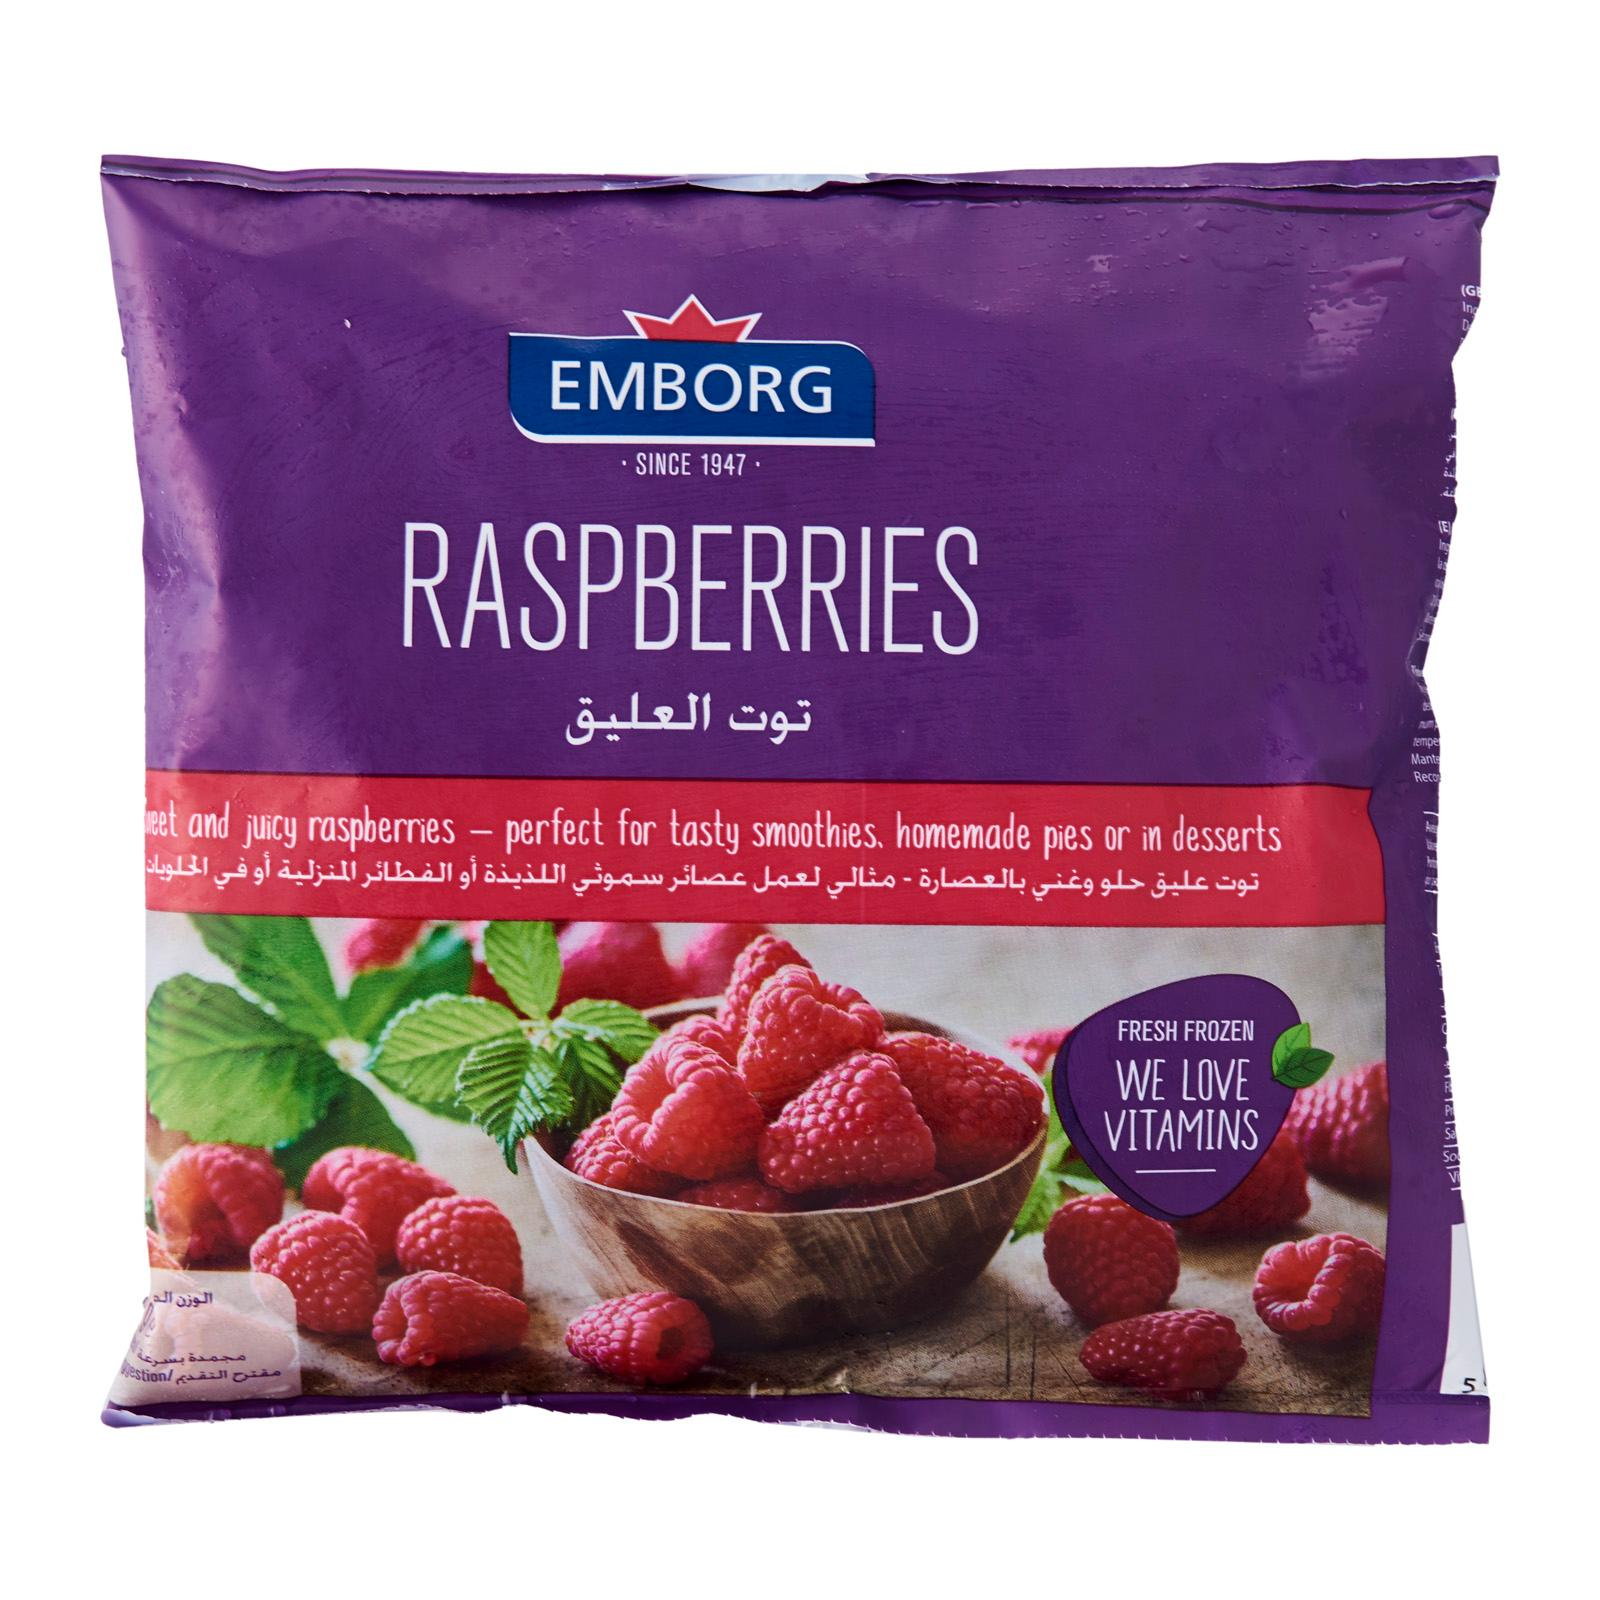 Emborg Raspberries - Frozen